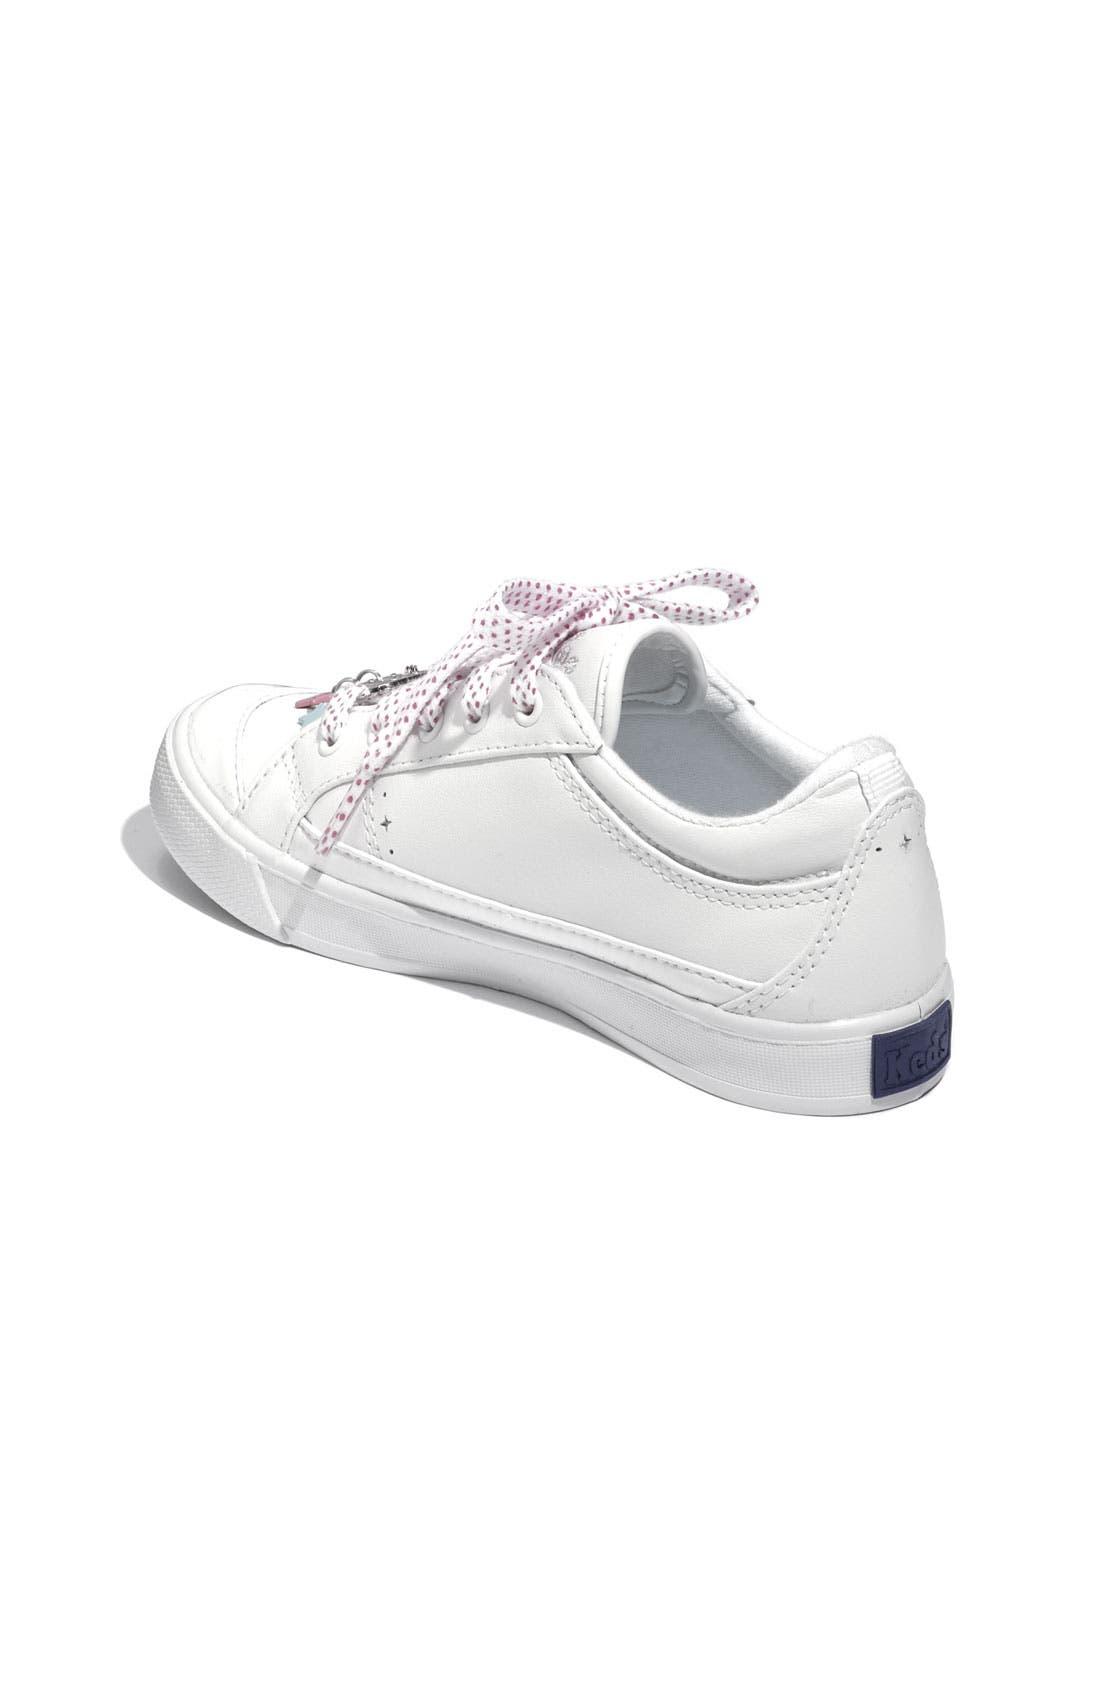 Alternate Image 2  - Keds® 'Taylor' Lace Sneaker (Toddler, Little Kid & Big Kid)